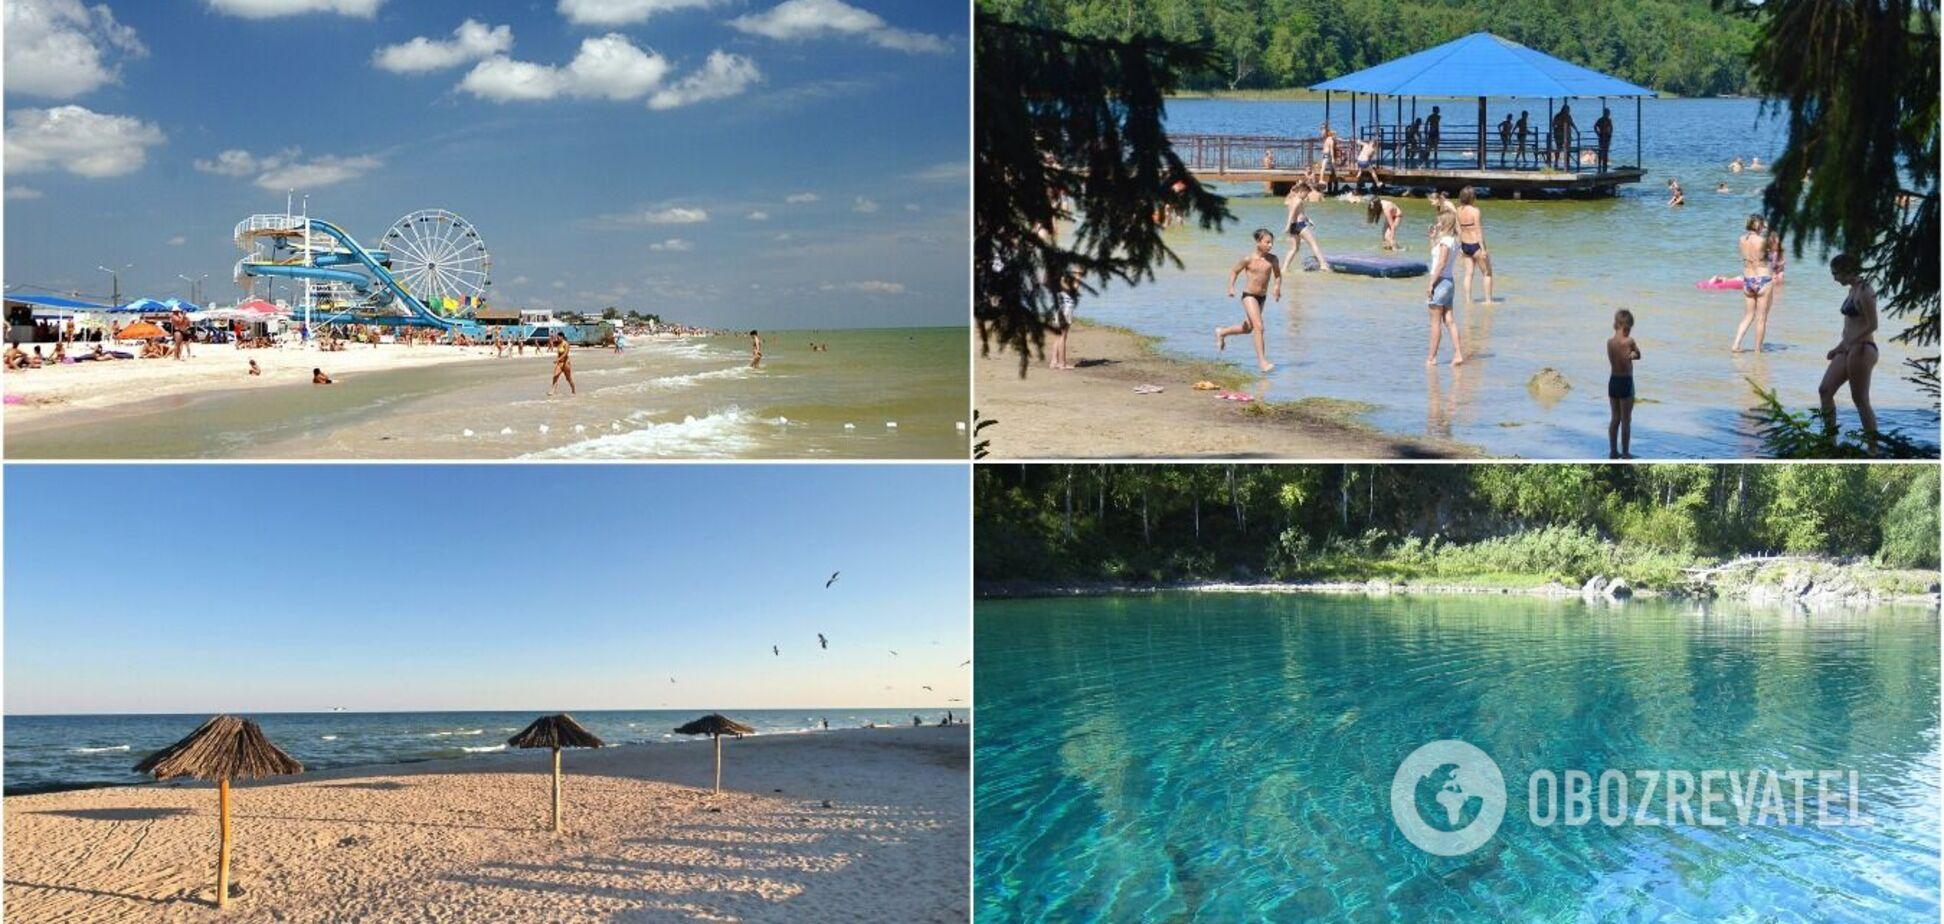 Озера чи море: де в Україні можна добре й недорого відпочити. Ціни, умови та всі переваги